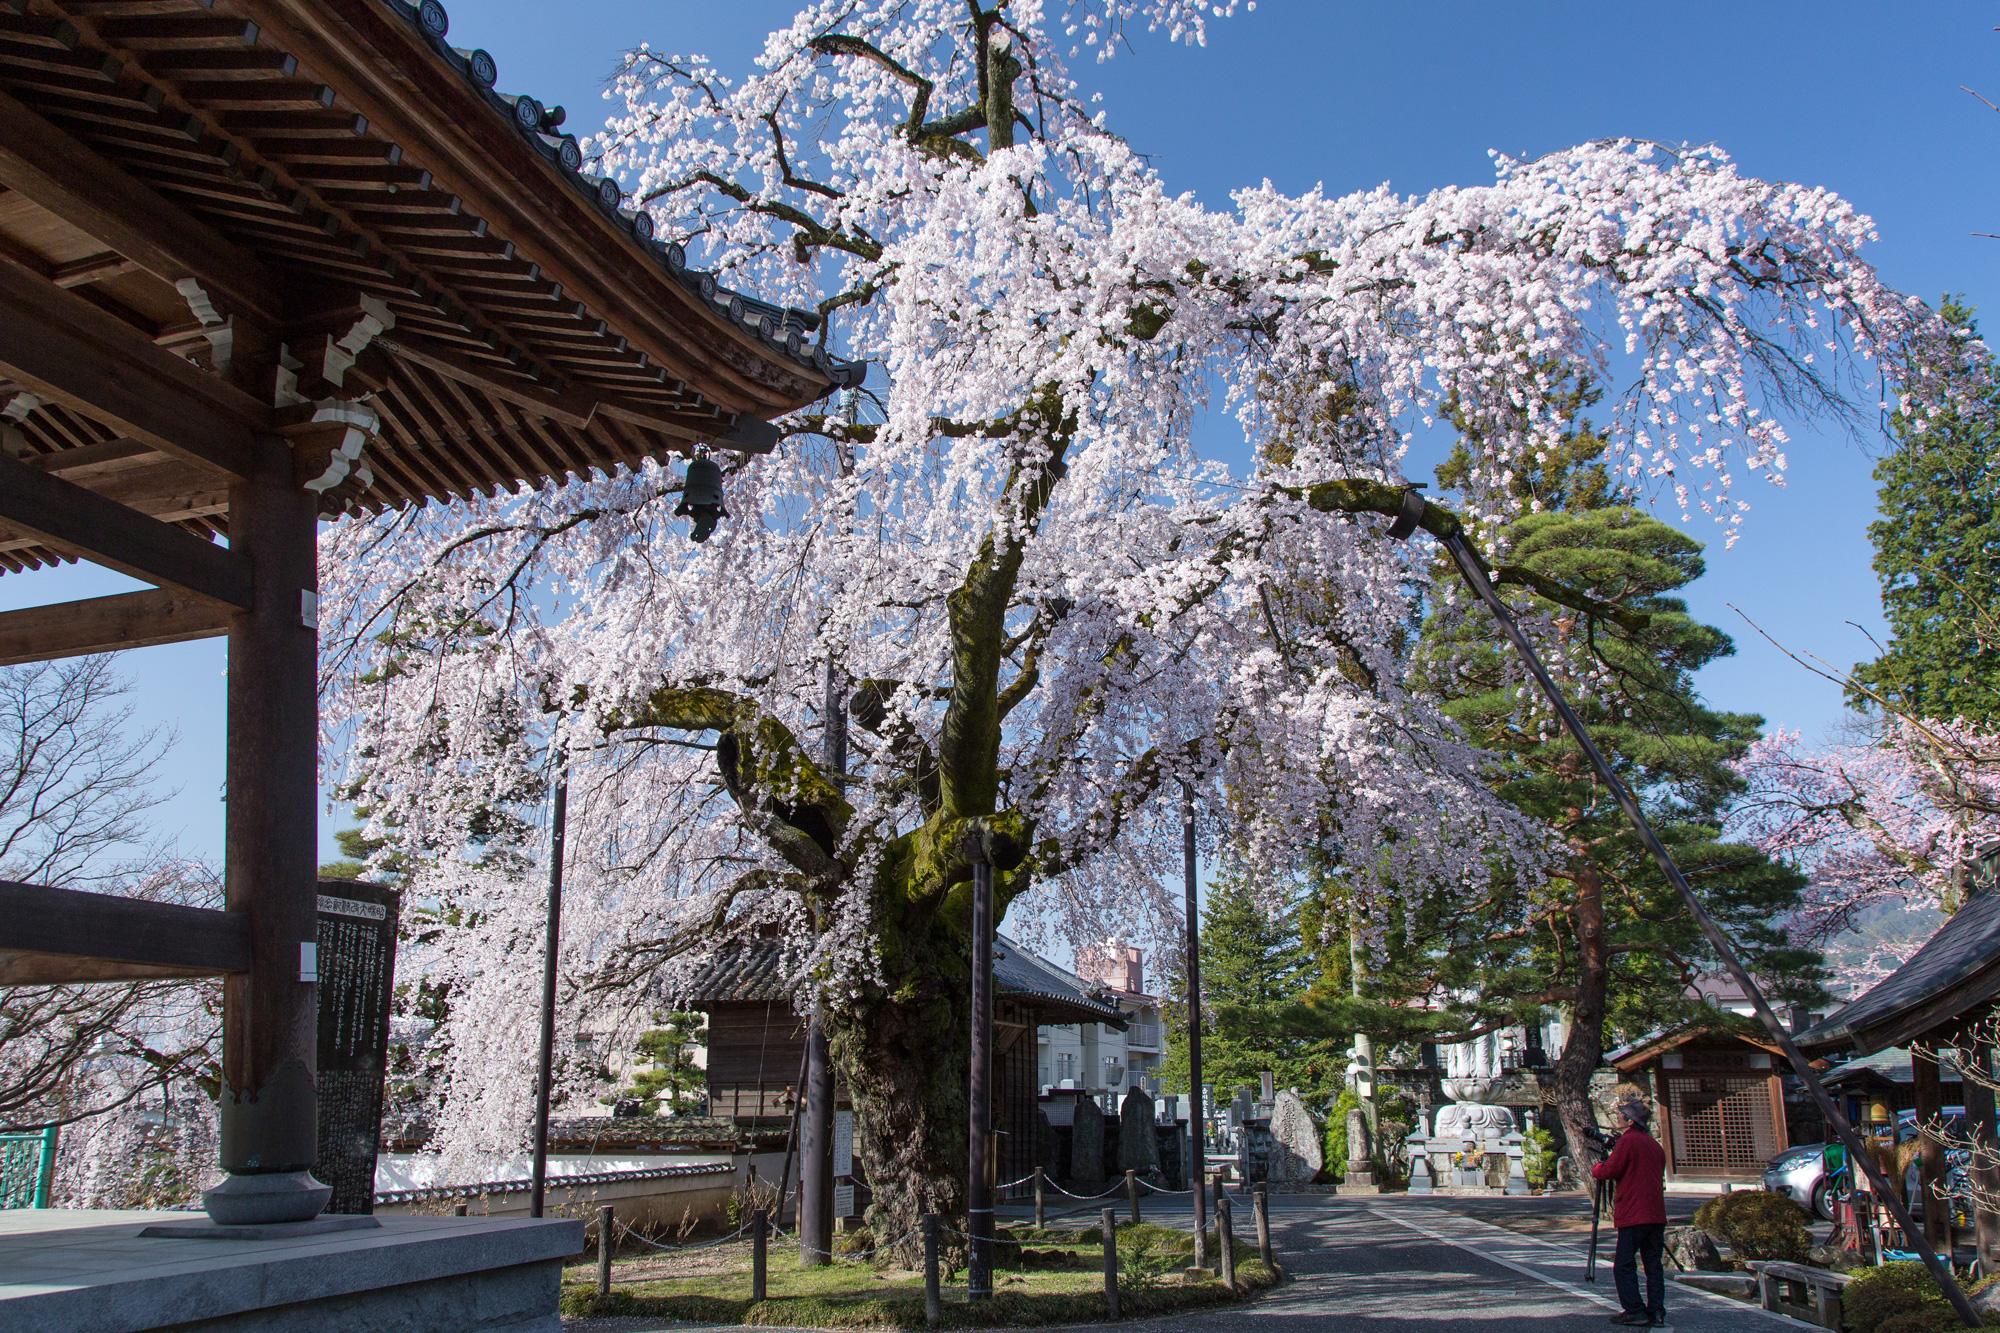 阿弥陀寺の枝垂れ桜(飯田市)